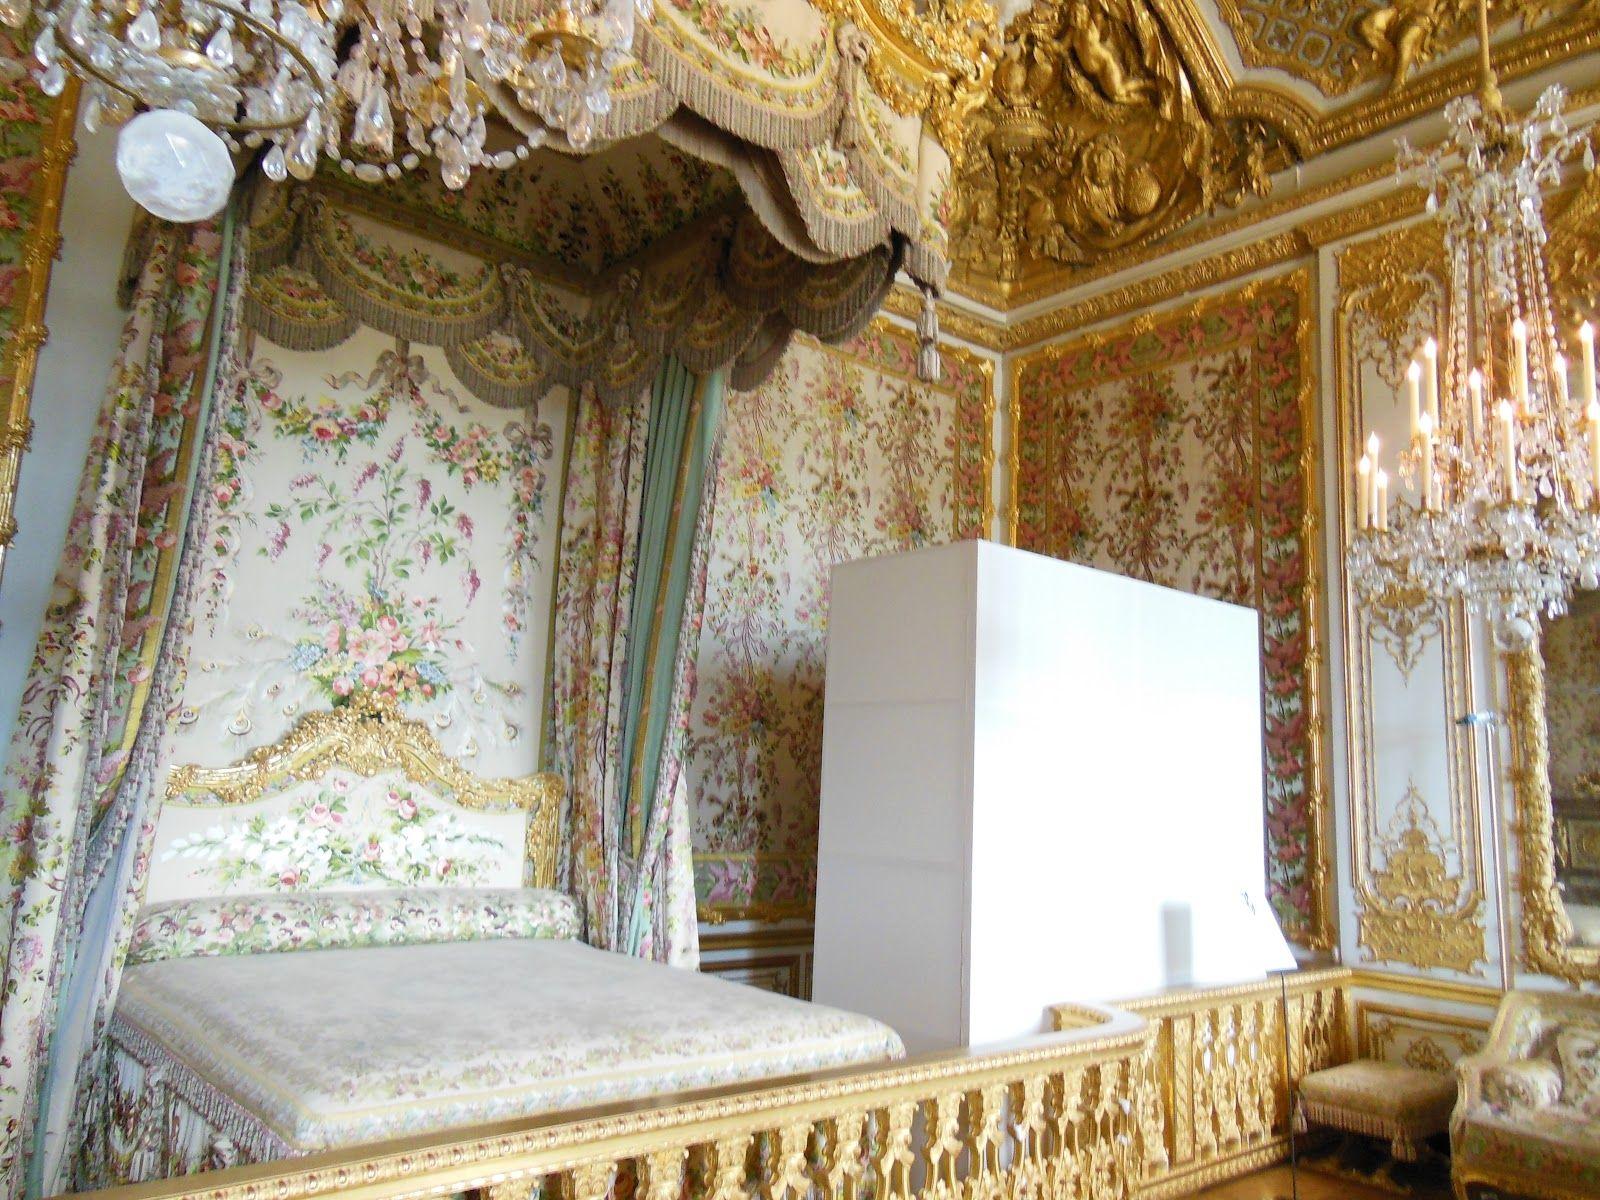 Queen Elizabeth Bedroom In Buckingham Palace ...